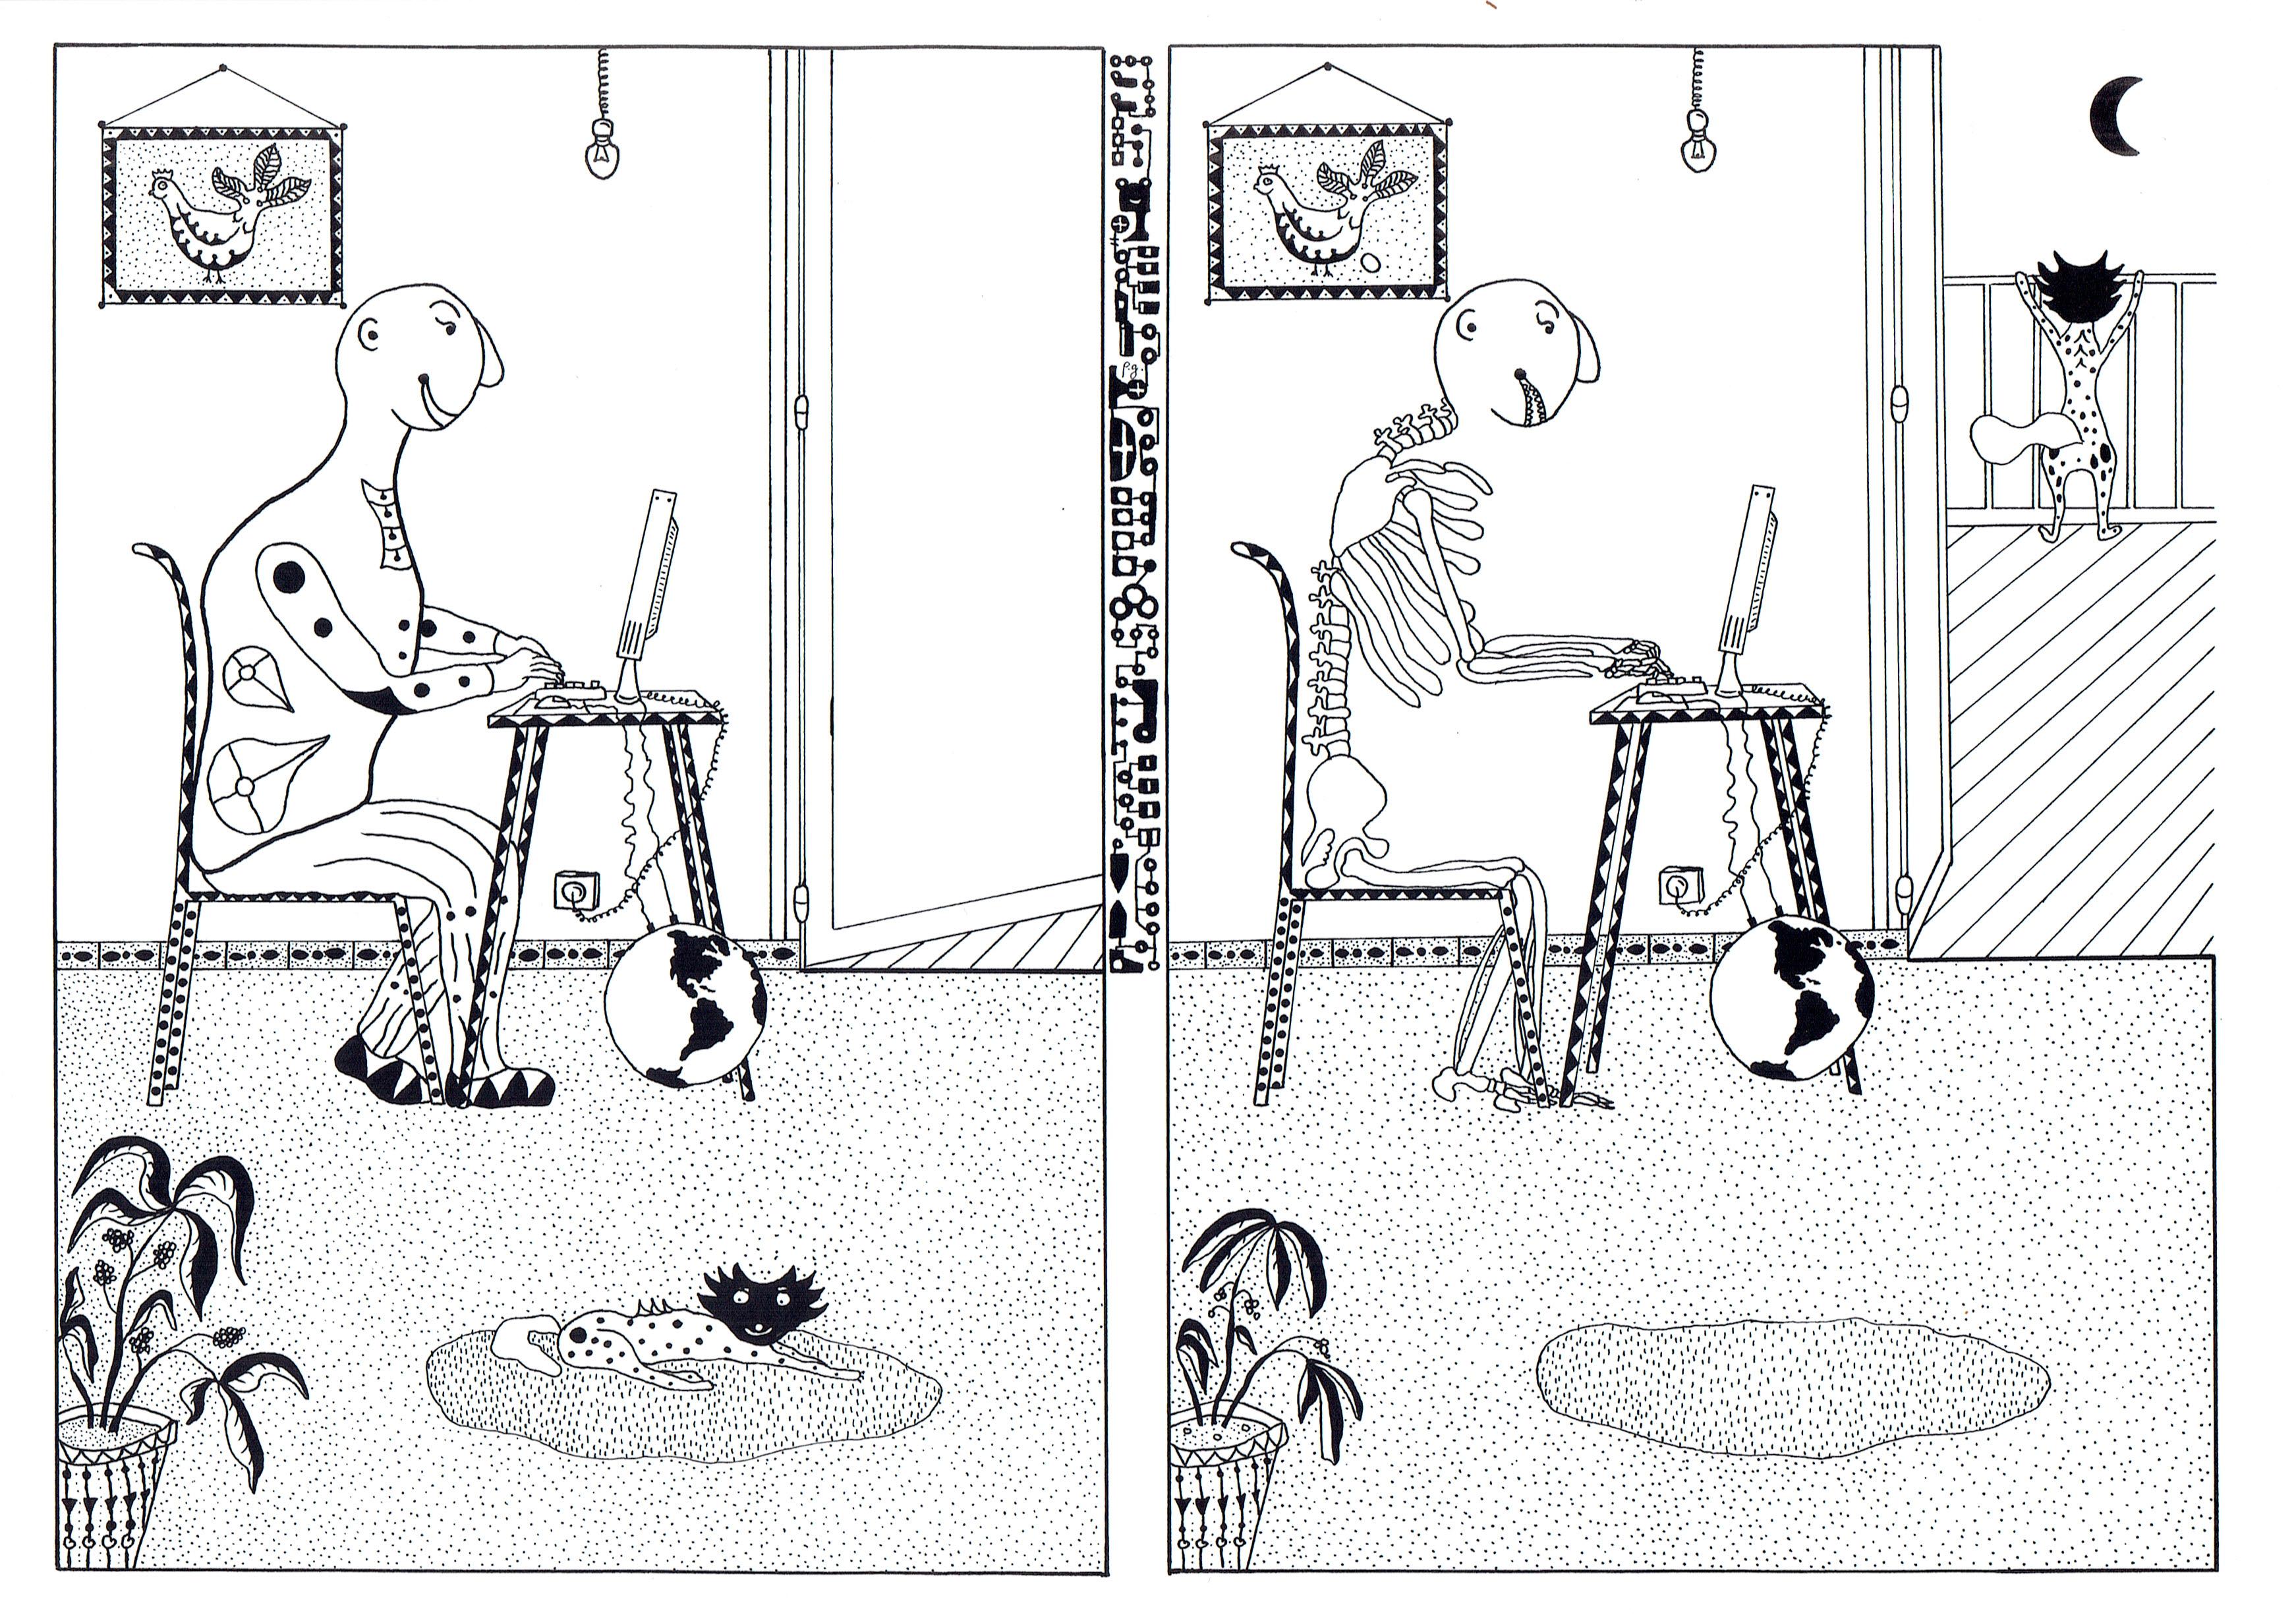 patrick gourgouillat - Monsieur Doggy